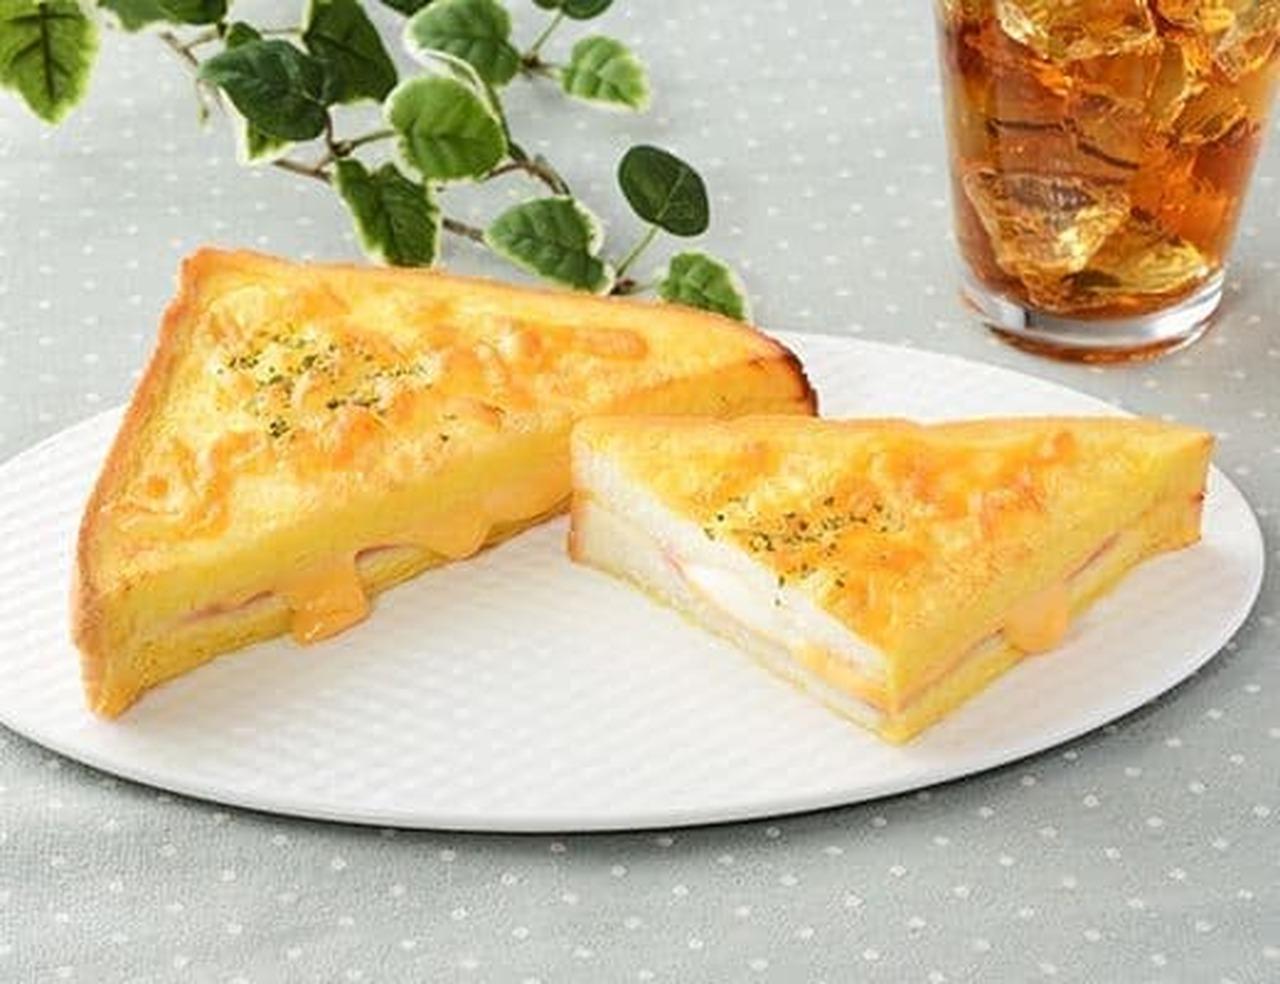 ローソン「フレンチトースト ハムチーズ」